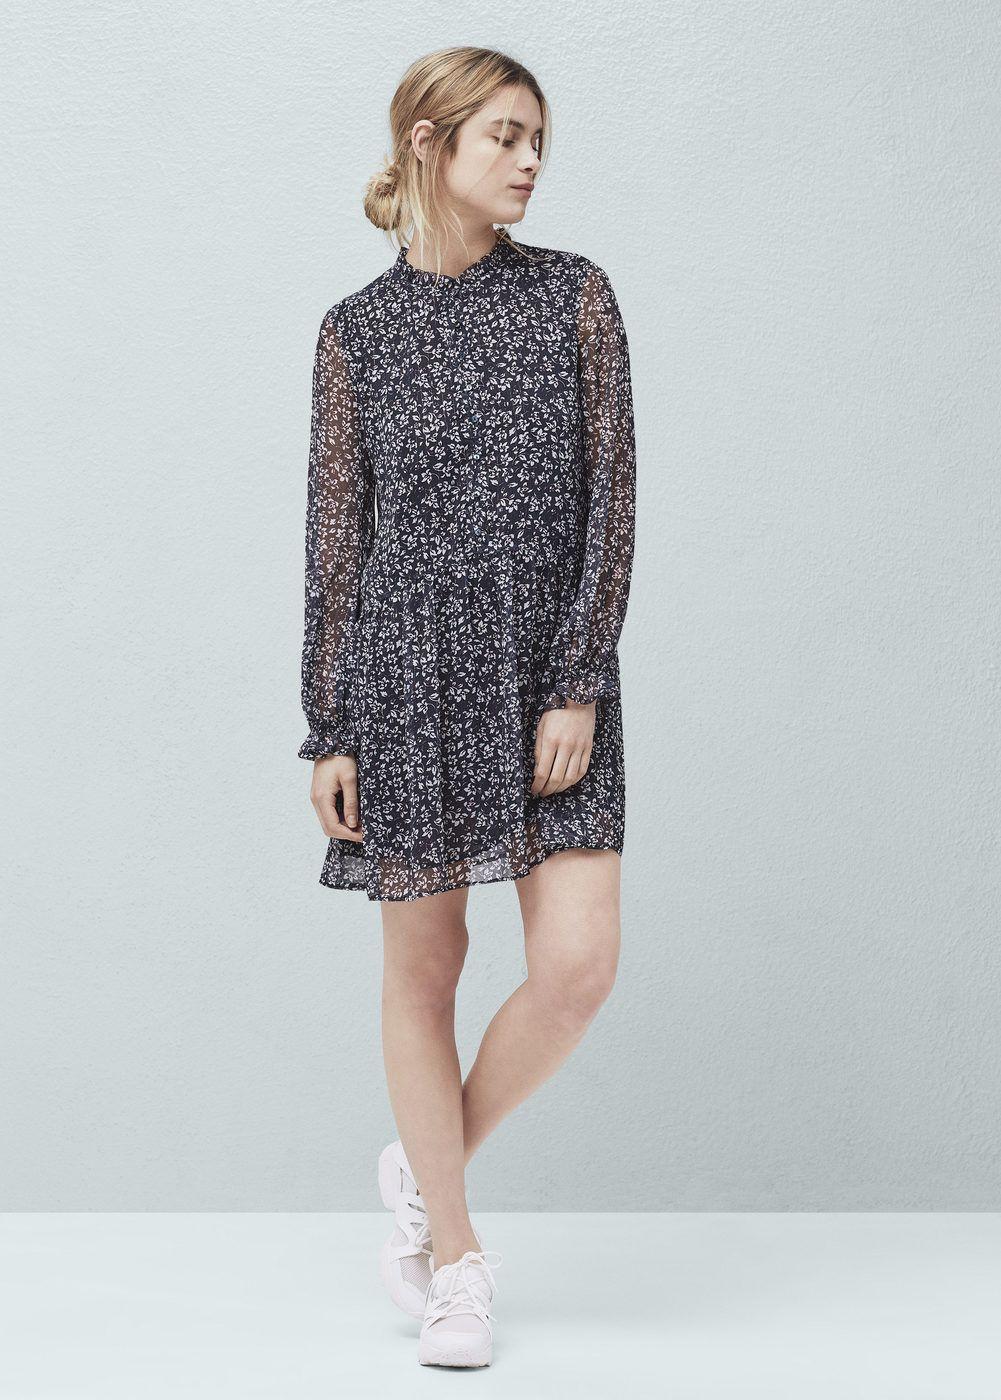 96a73d7d483a Flowy print dress - Woman